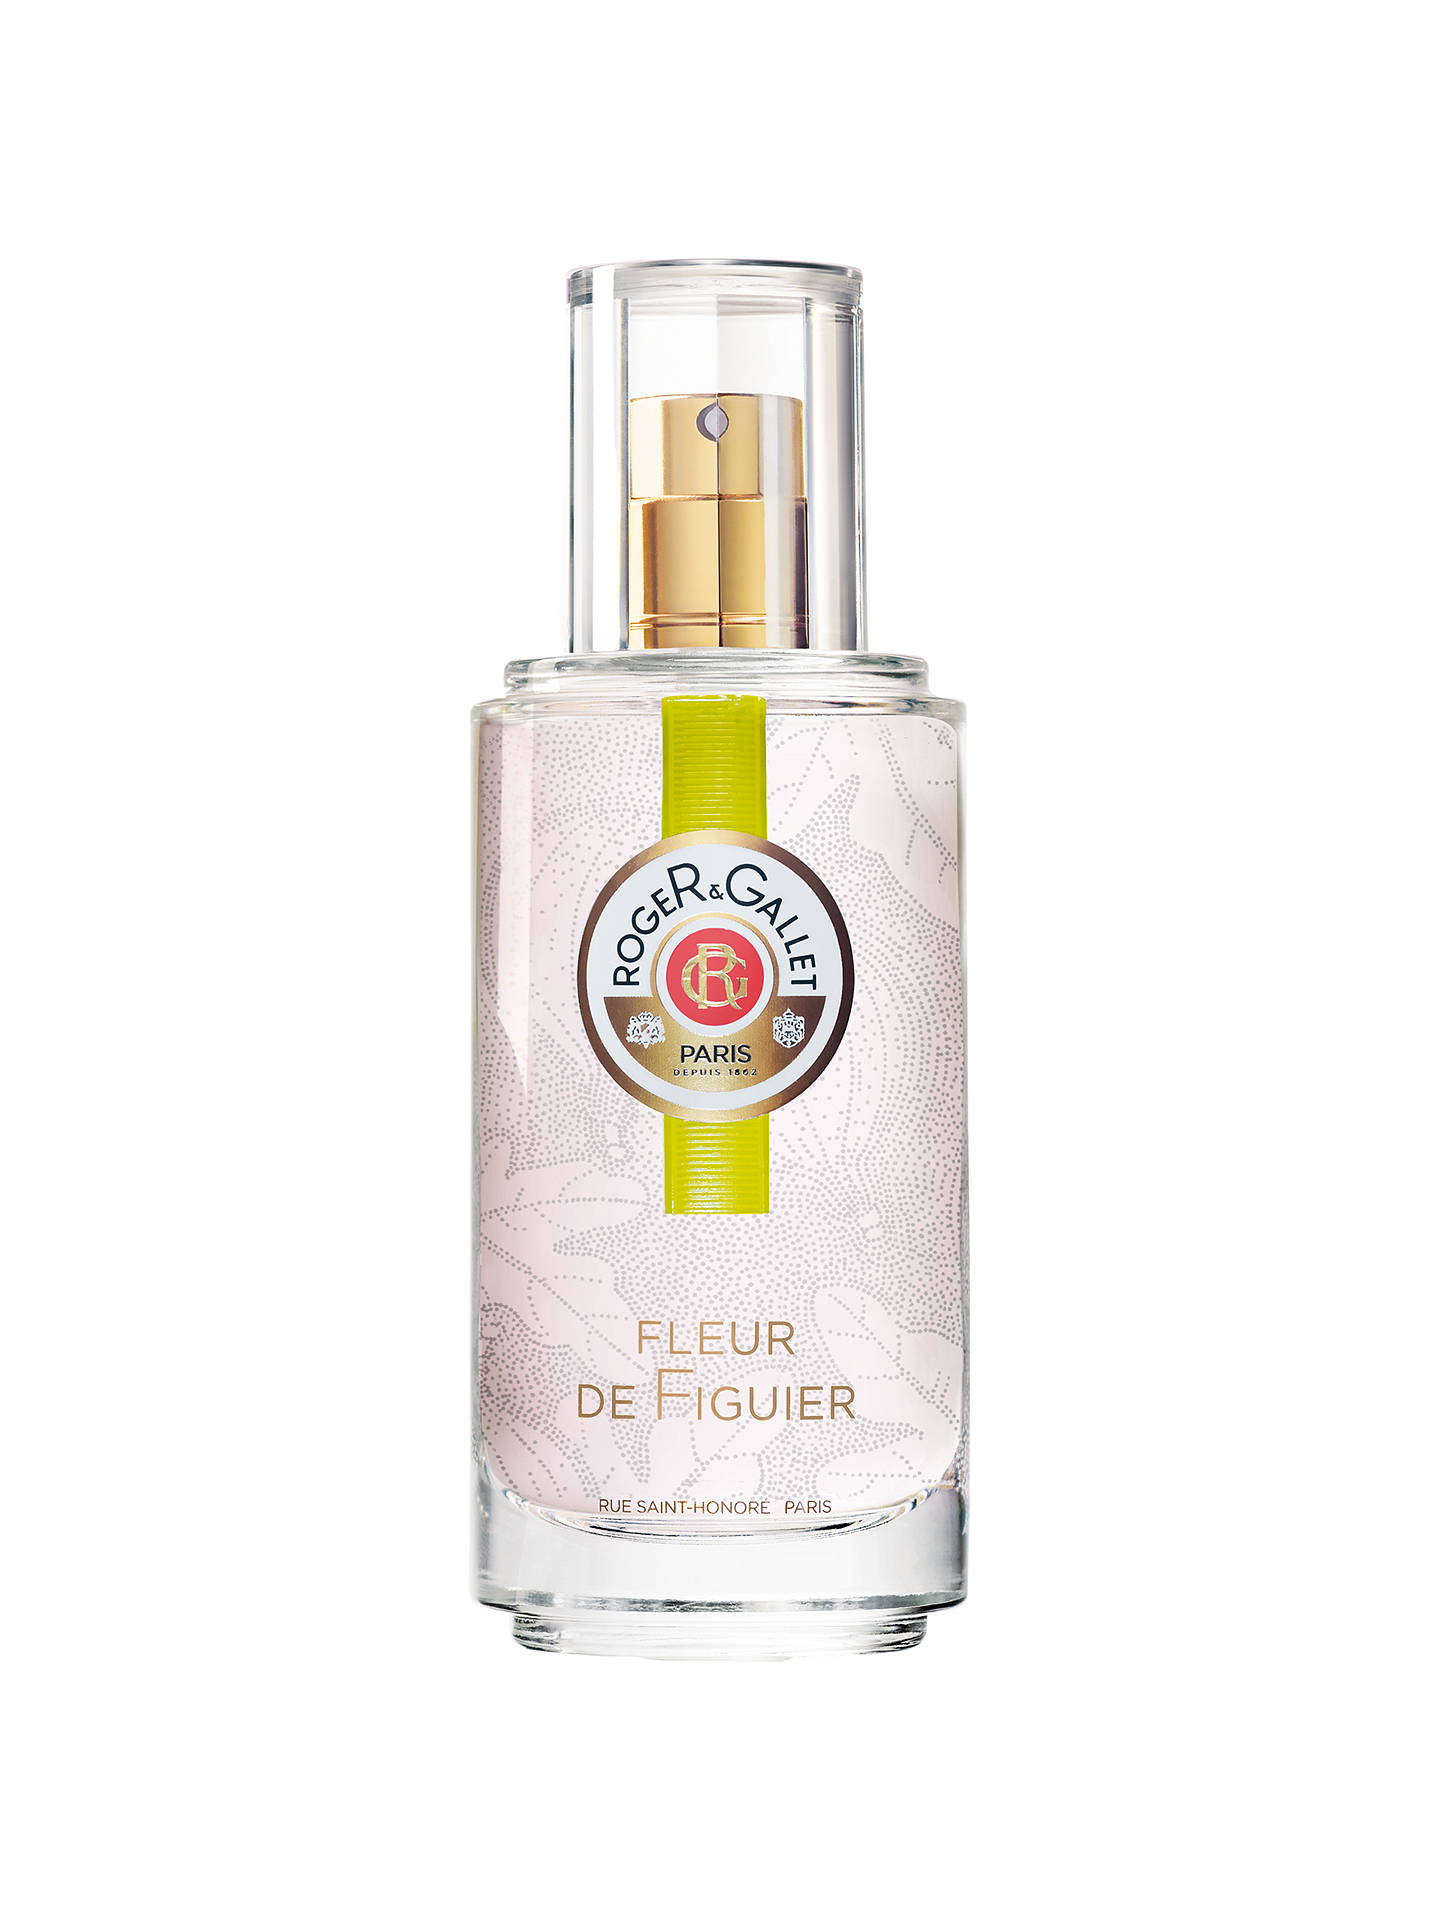 Roger & Gallet Fleur de Figuier Eau de Toilette, 50ml at ...